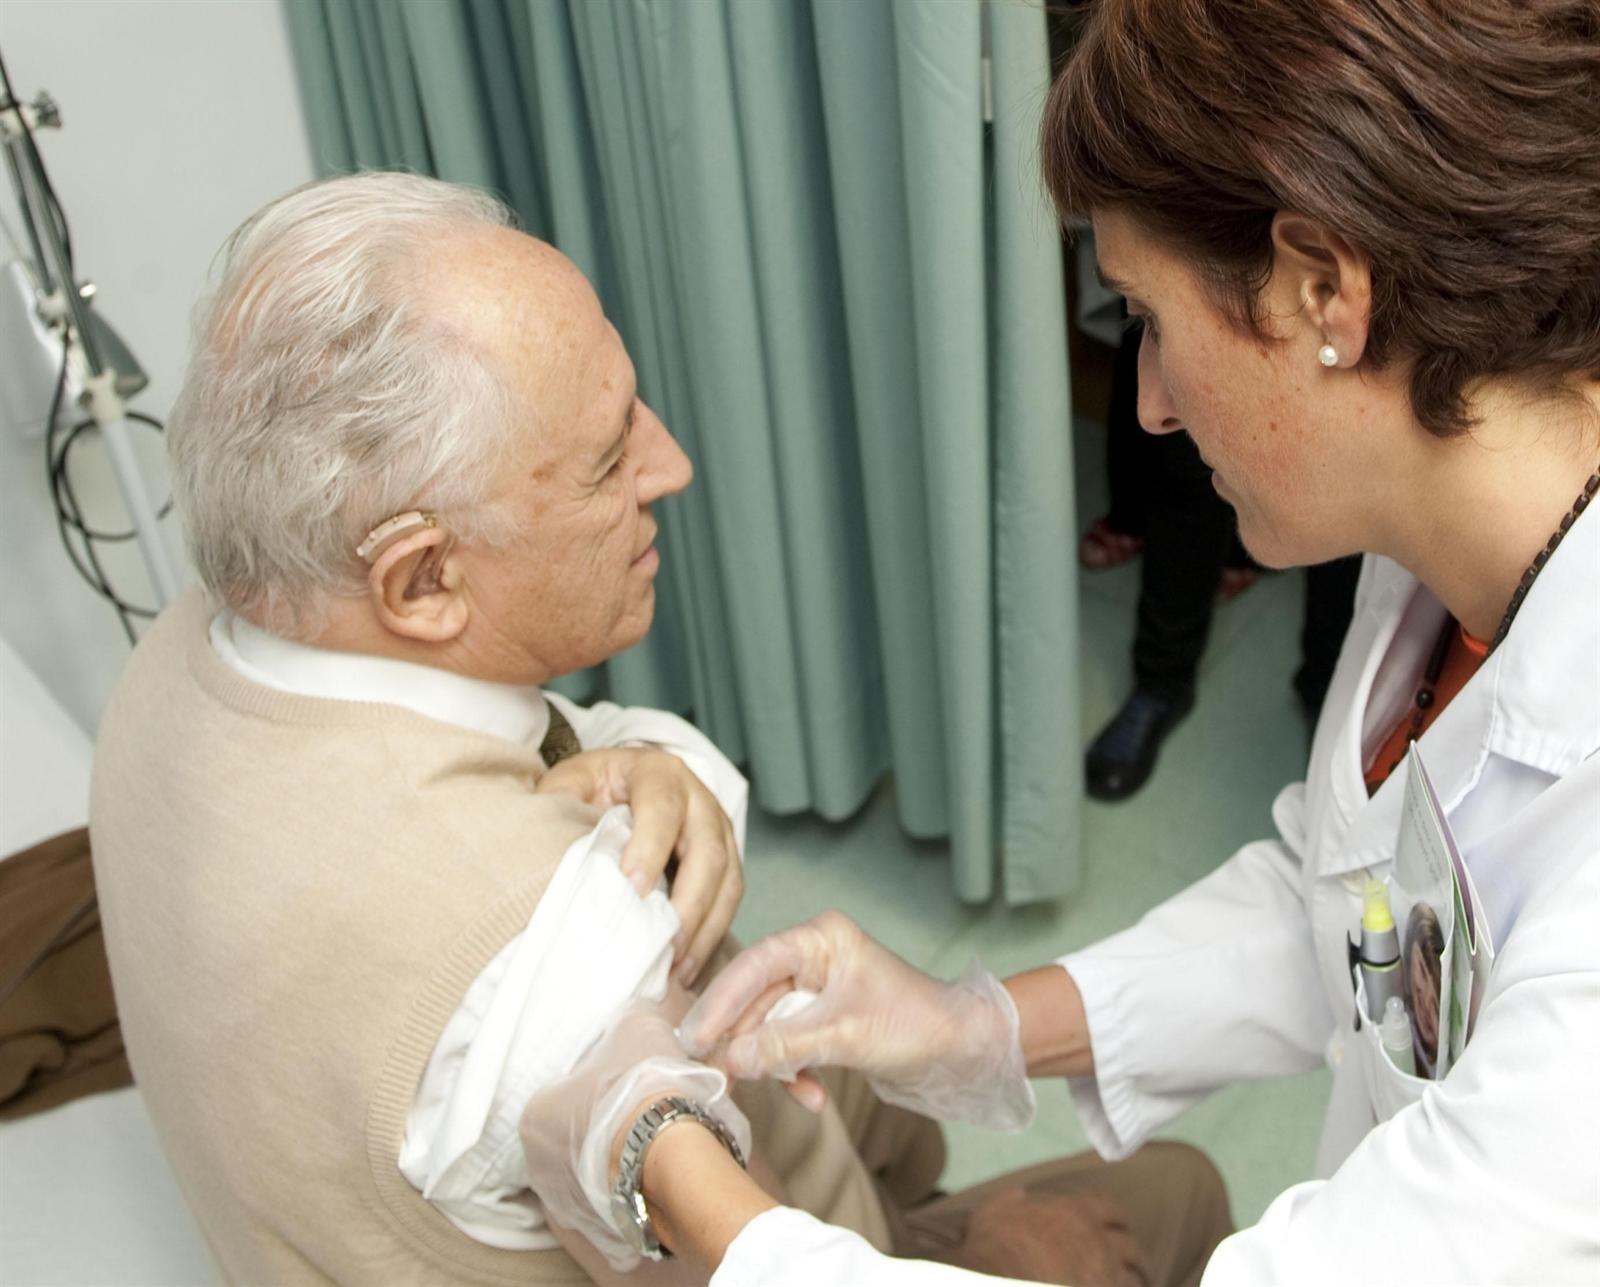 Cantabria registra 84,1 casos de gripe por cada 100.000 habitantes, inferior a la media nacional